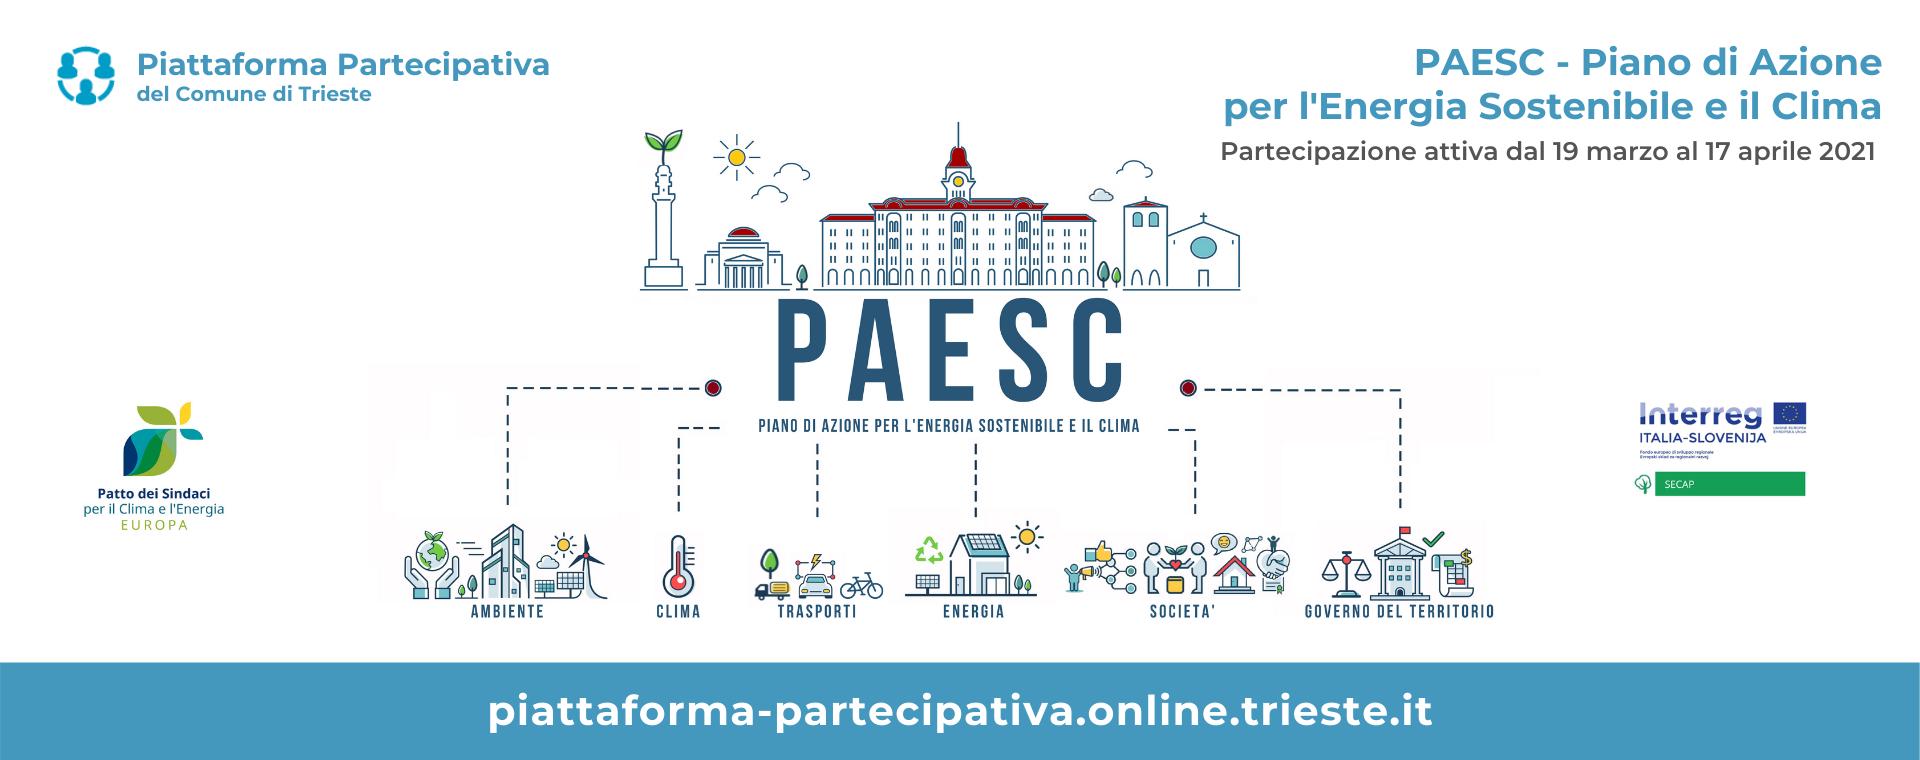 Online la piattaforma partecipativa per la redazione del Piano d'Azione per l'Energia sostenibile e il Clima